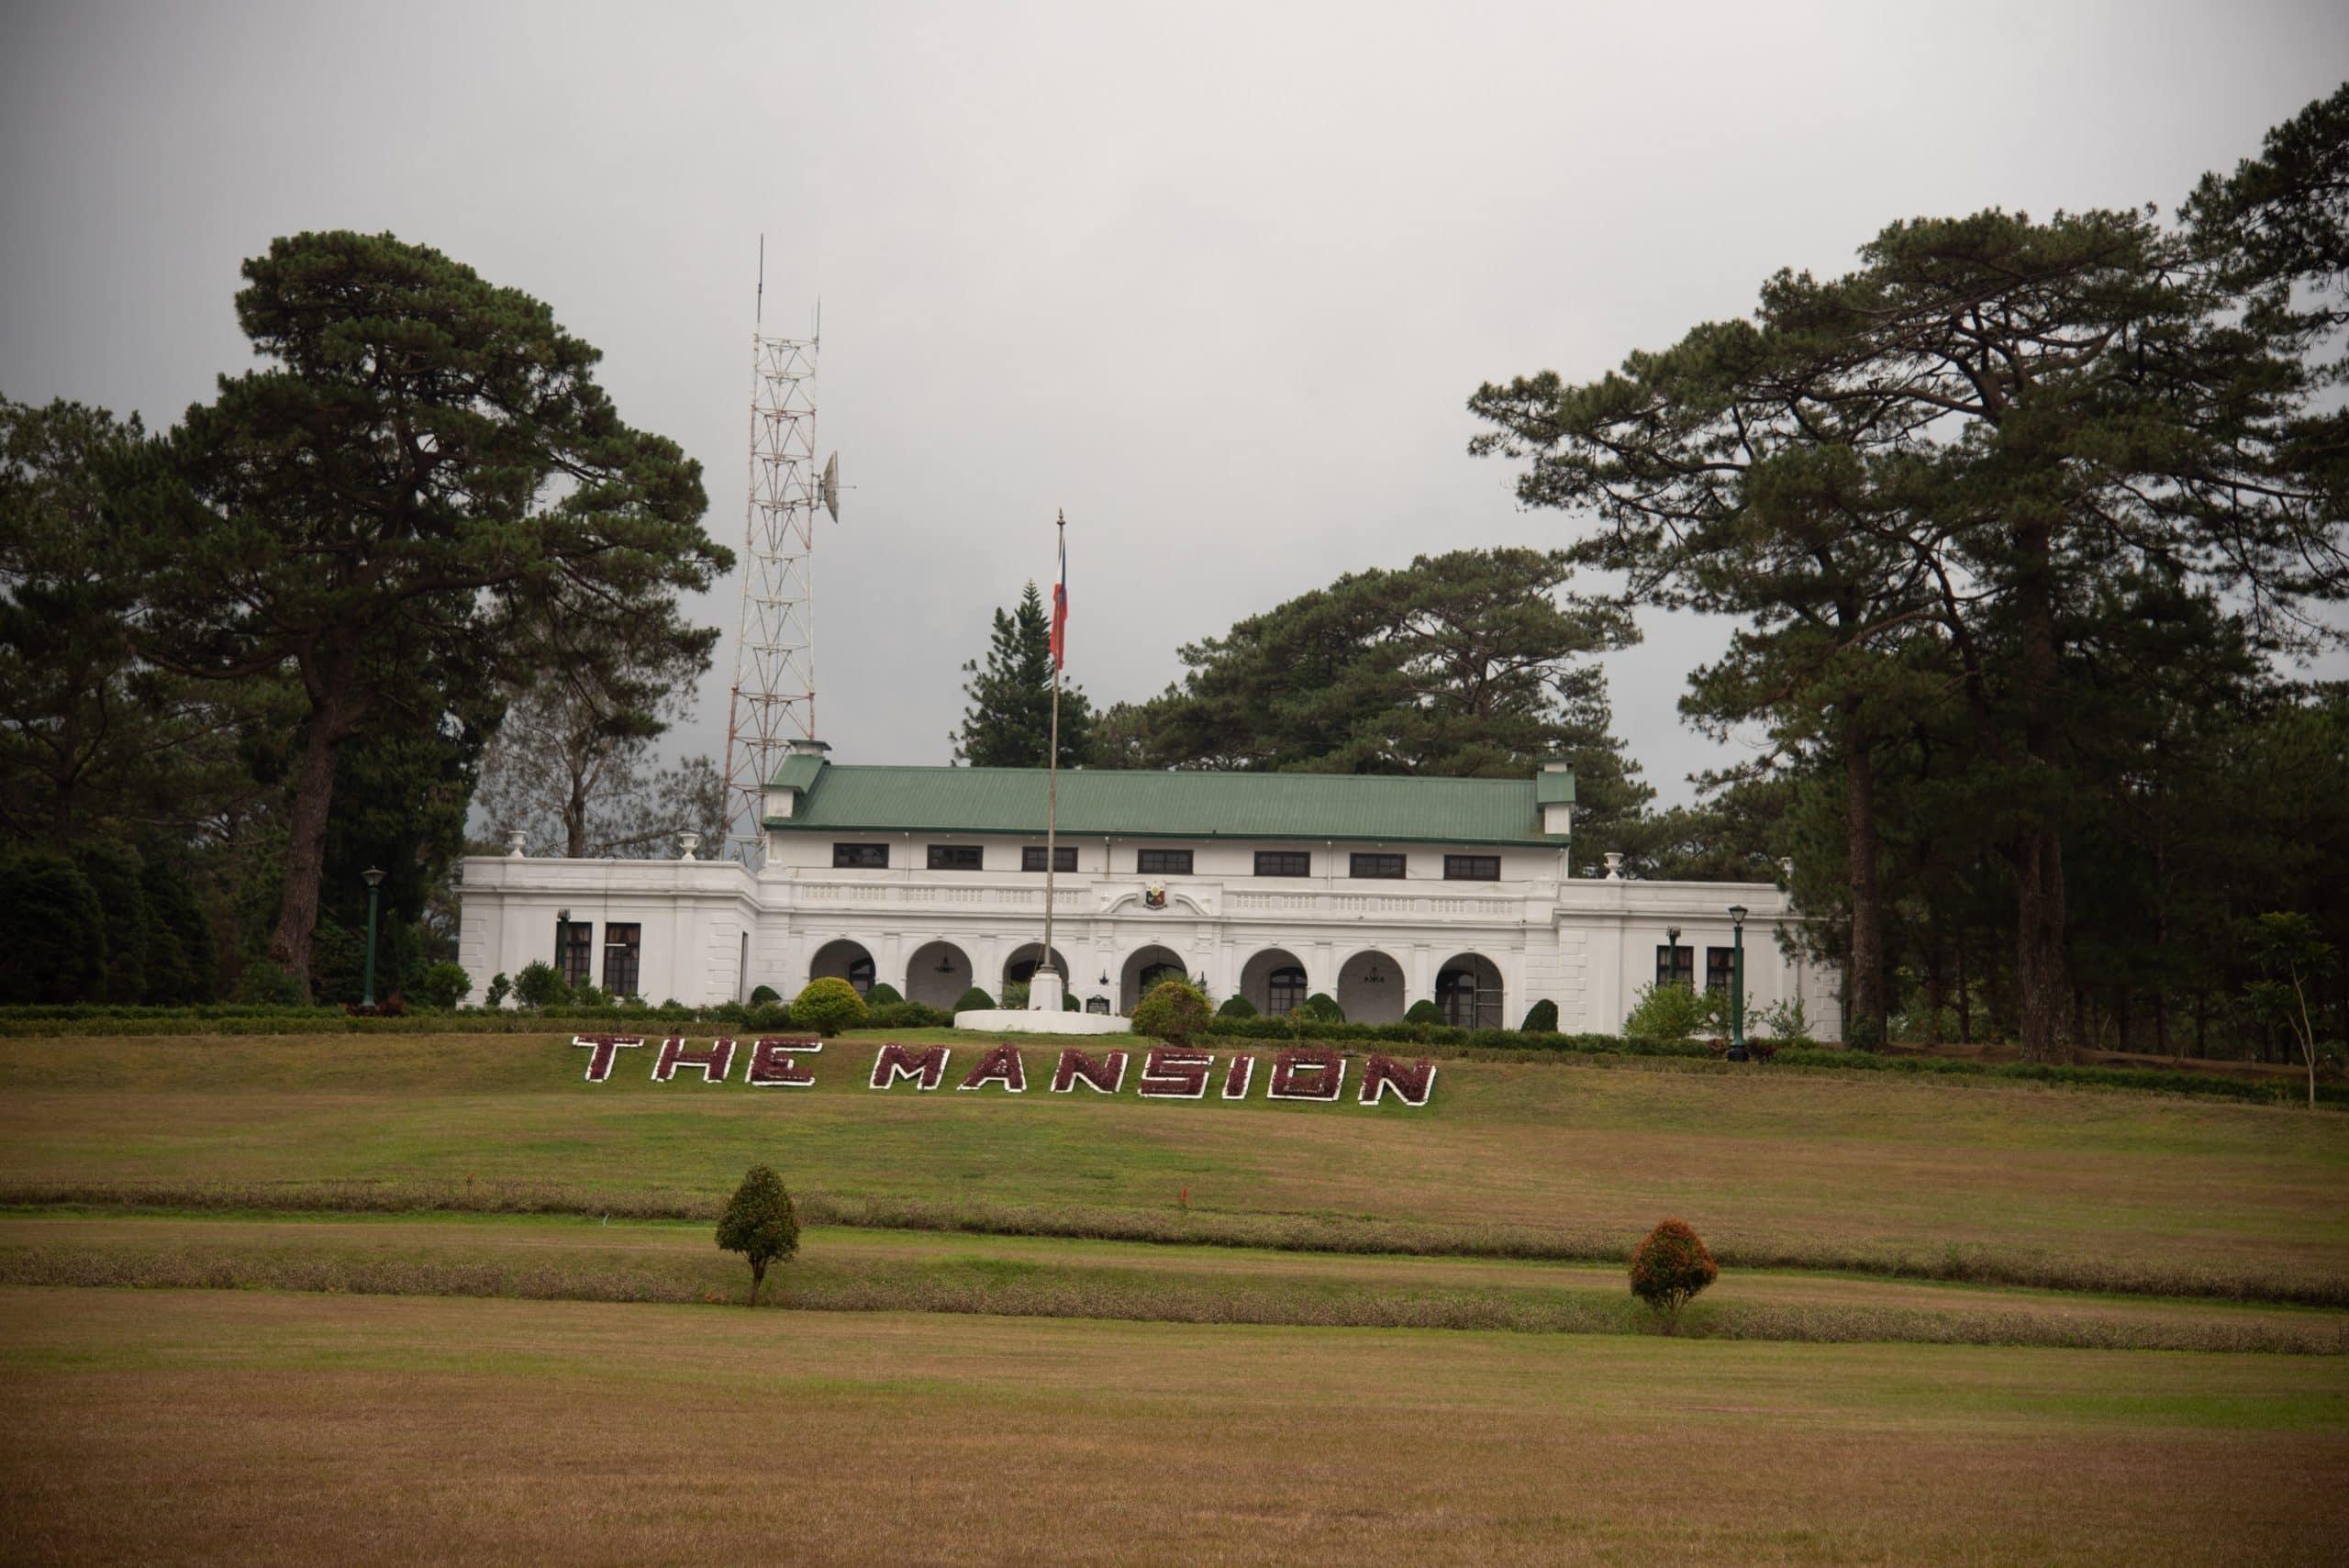 Baguio tourist spots, Baguio travel guide, The Mansion